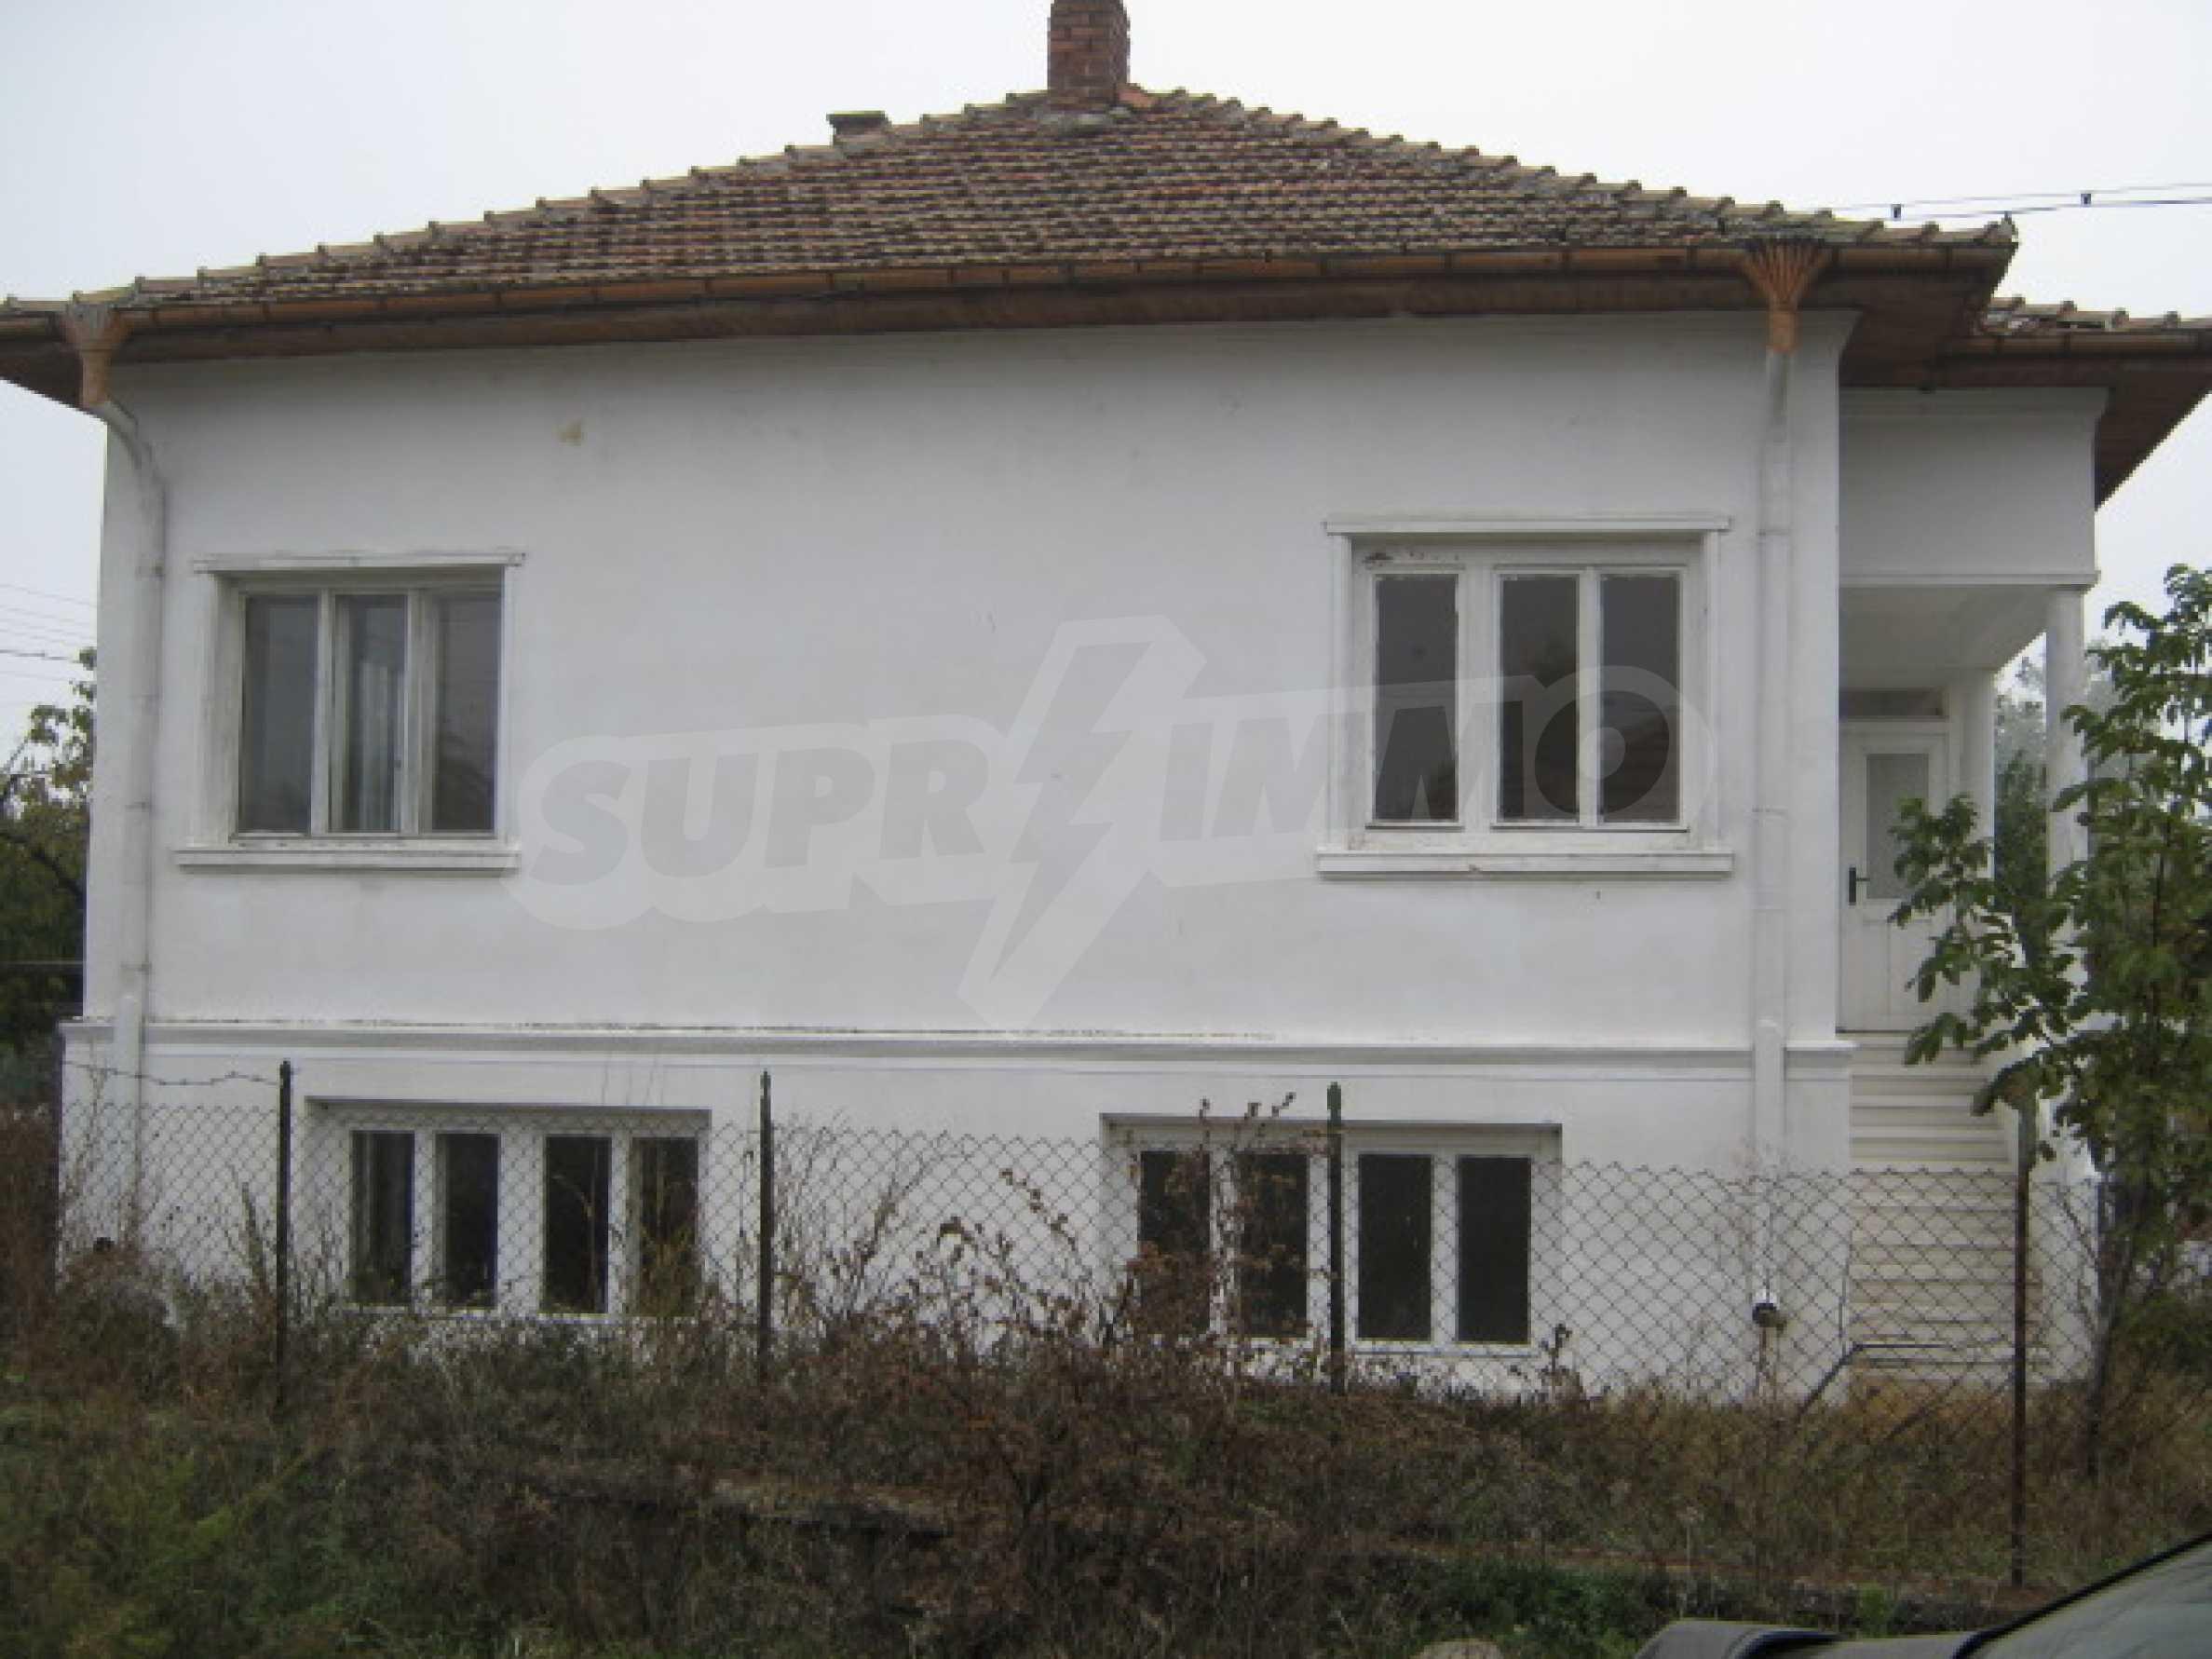 Haus in einem malerischen Dorf an der Küste des Flusses Donau 1